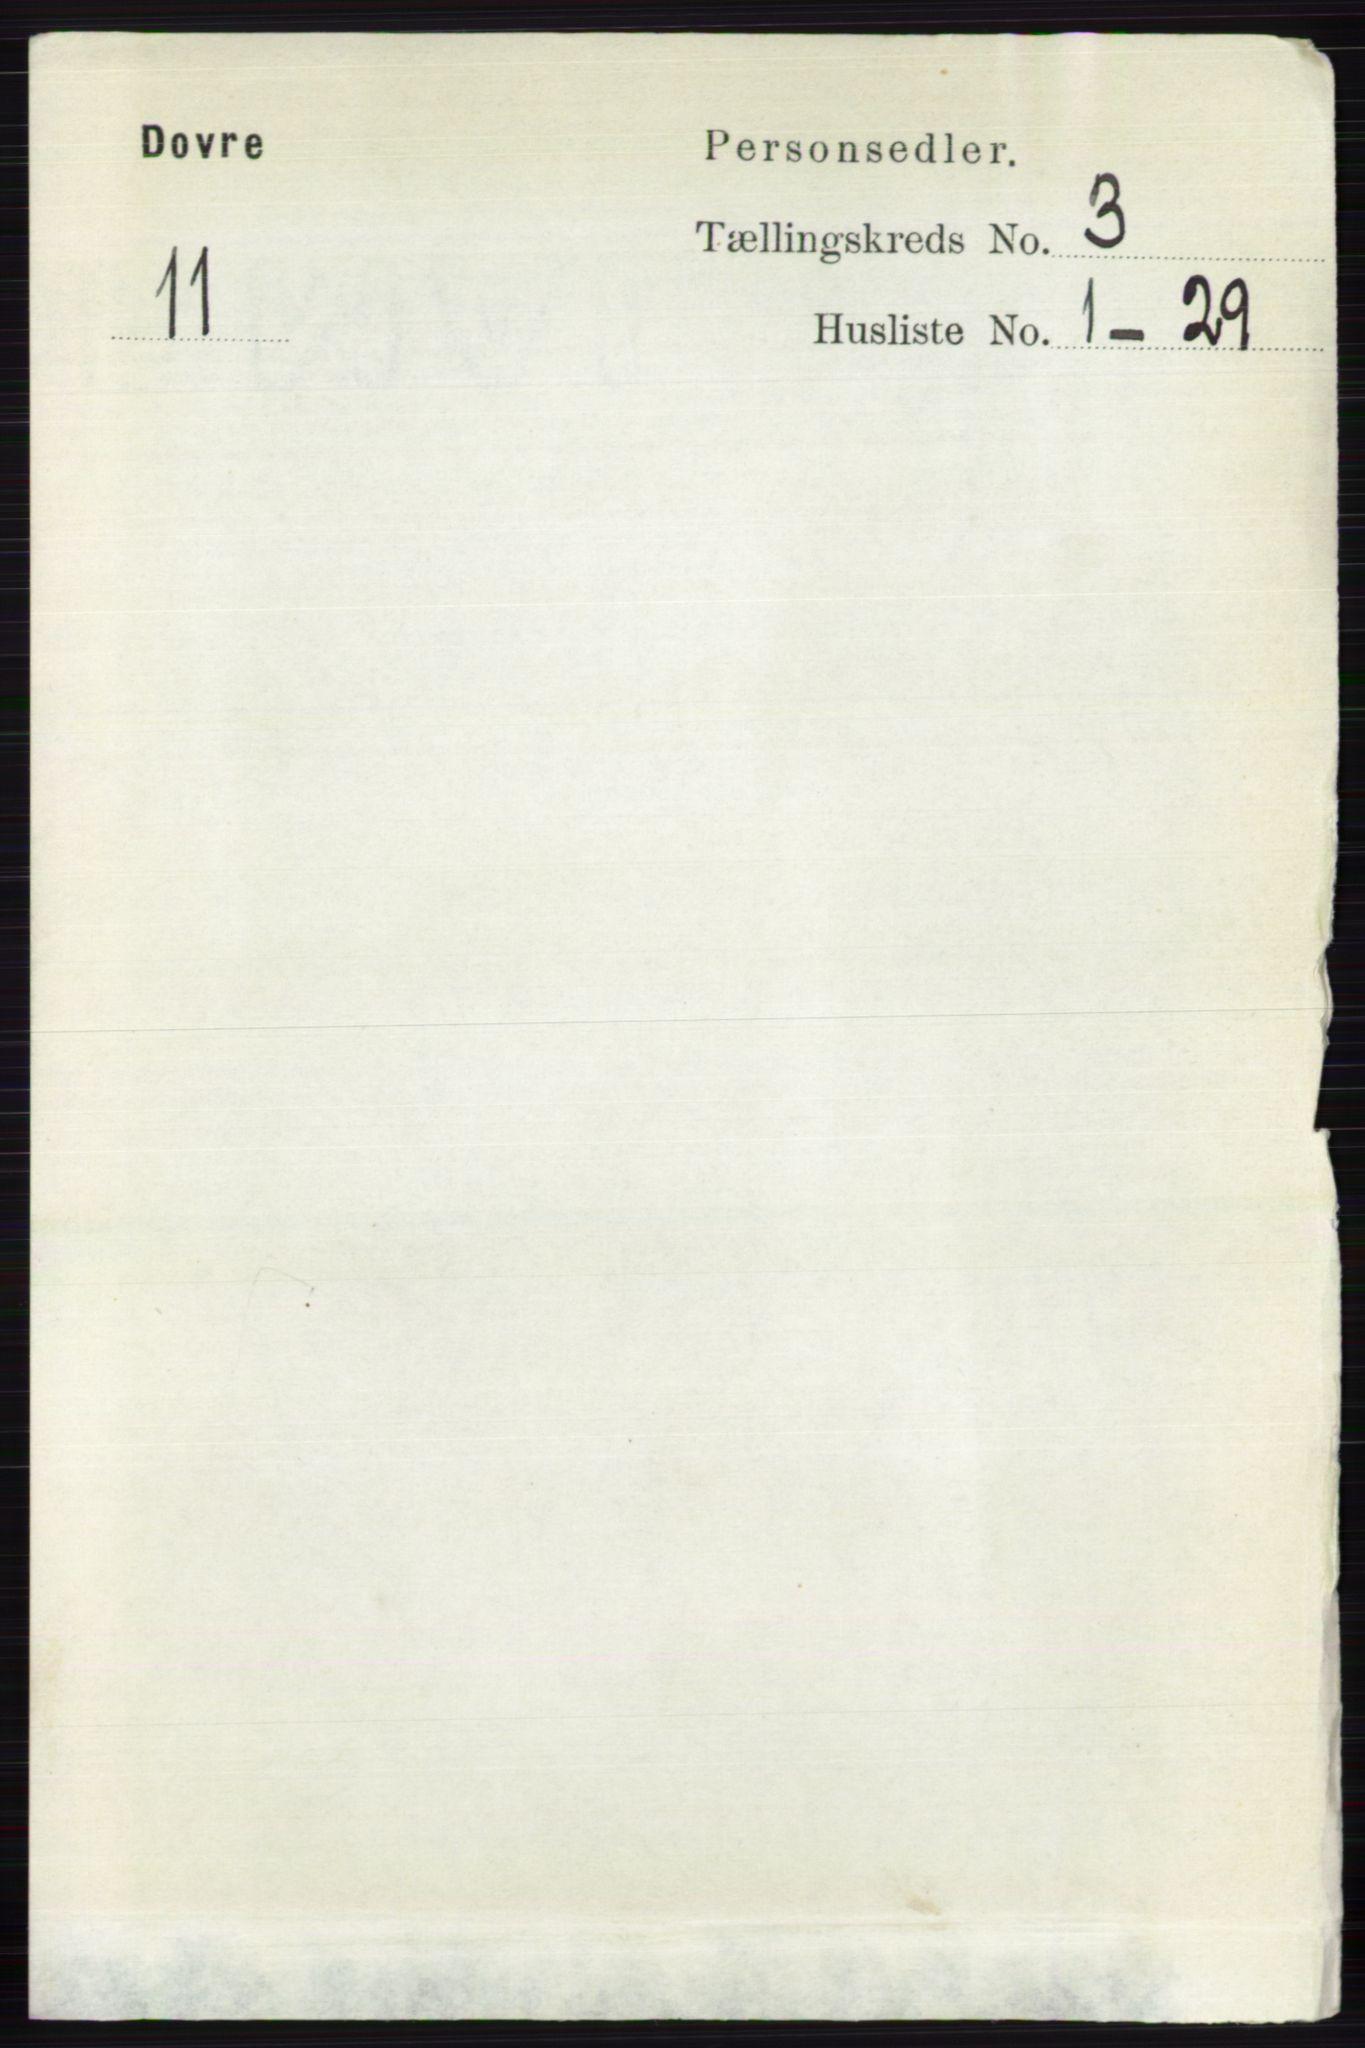 RA, Folketelling 1891 for 0511 Dovre herred, 1891, s. 1395